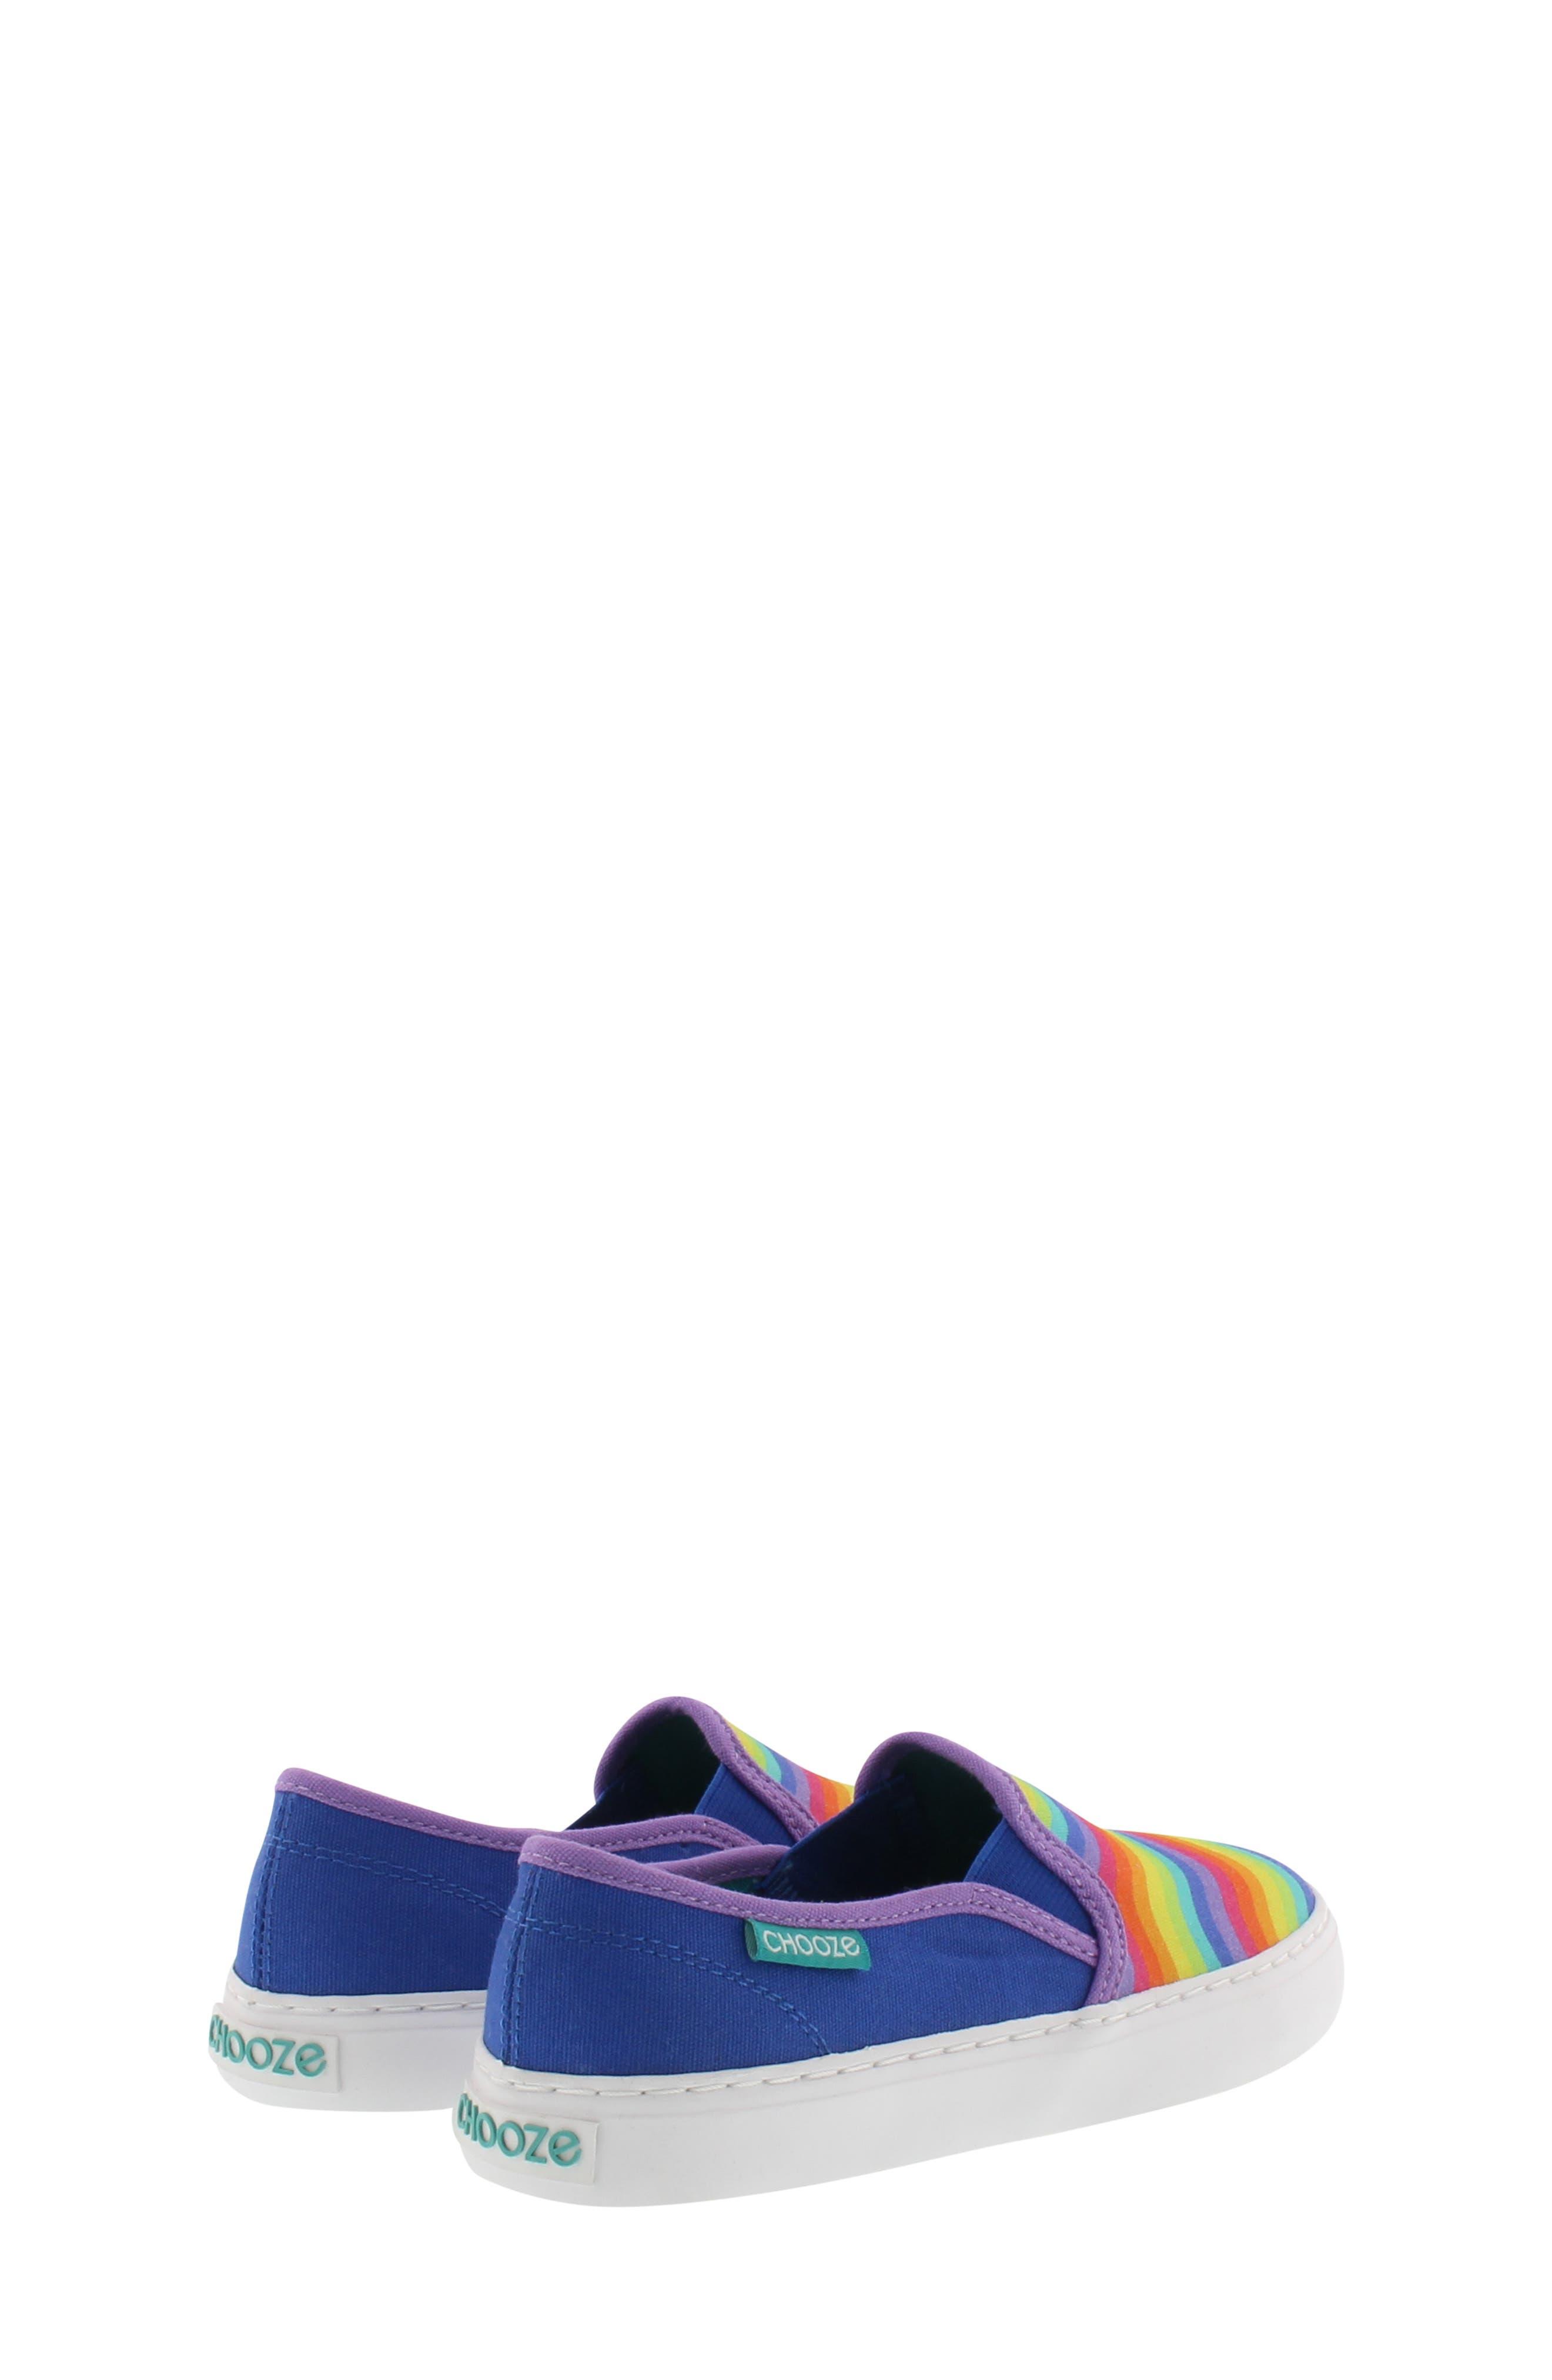 Motion Slip-On Sneaker,                             Alternate thumbnail 2, color,                             BLUE MULTI